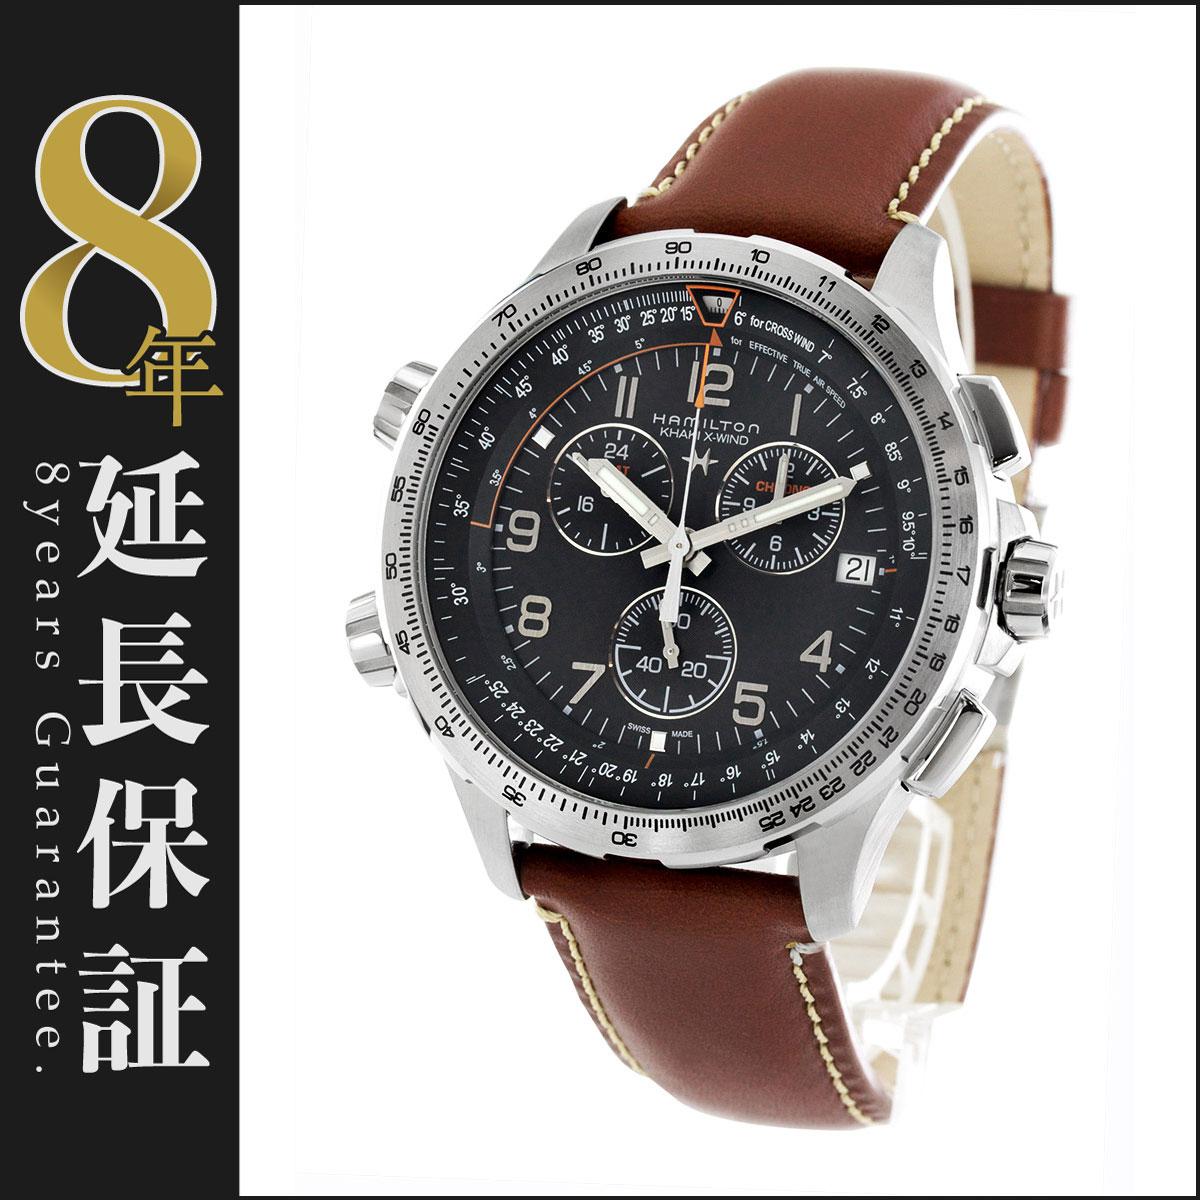 ハミルトン HAMILTON 腕時計 カーキ アビエーション X-ウィンド メンズ H77912535_8